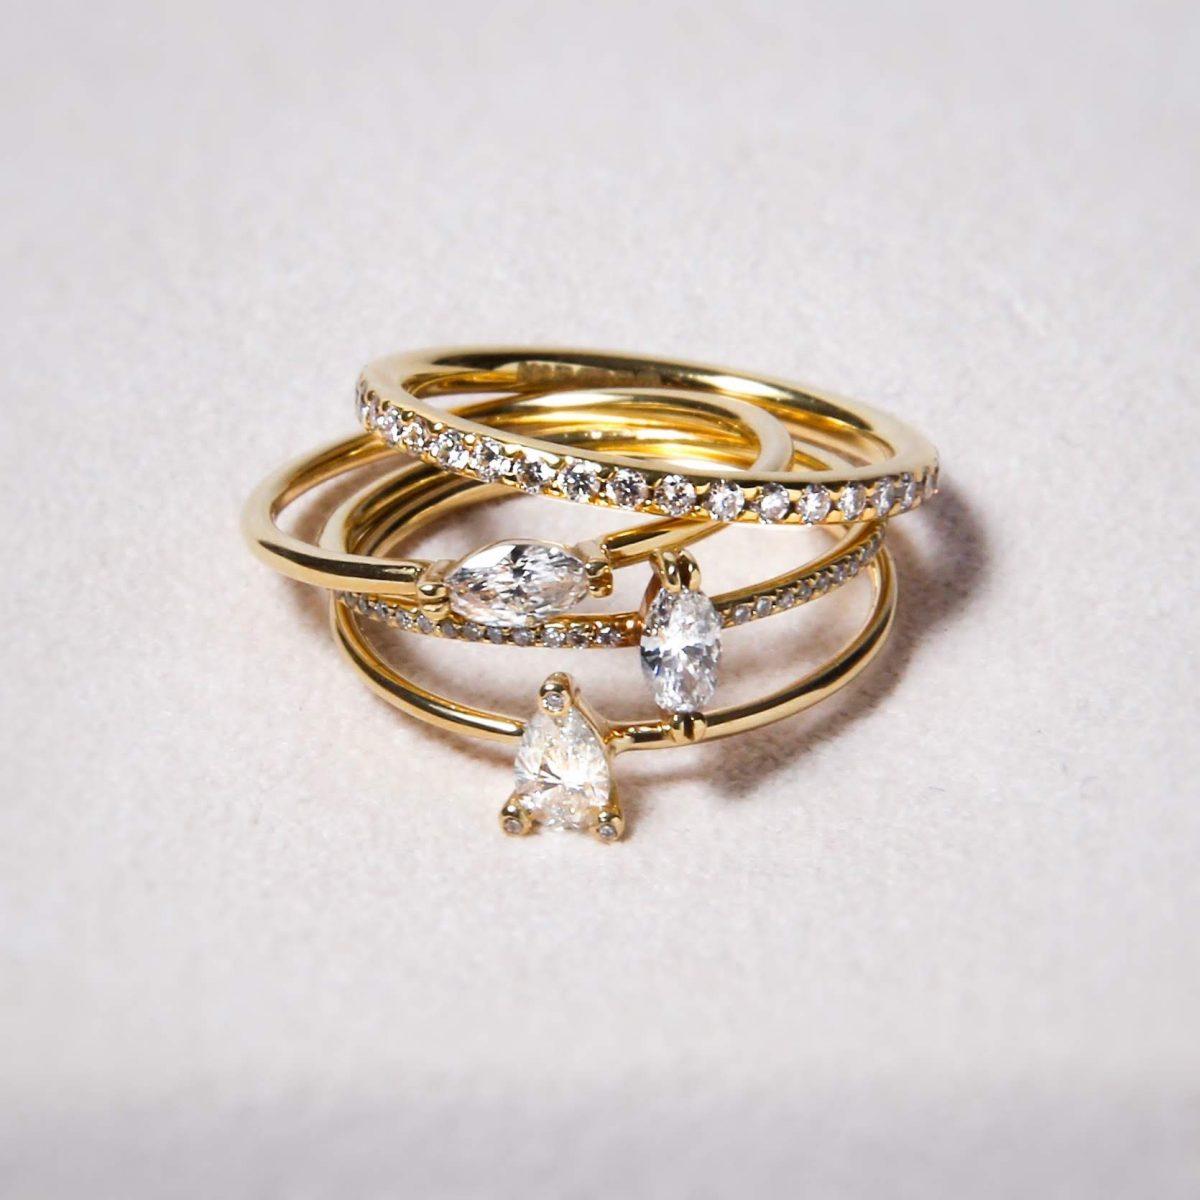 sweetpea スイートピー スウィートピー 結婚指輪 婚約指輪 マリッジ エンゲージ かさねづけ 華奢 ダイヤモンド マーキース ペアシェイプ エタニティ